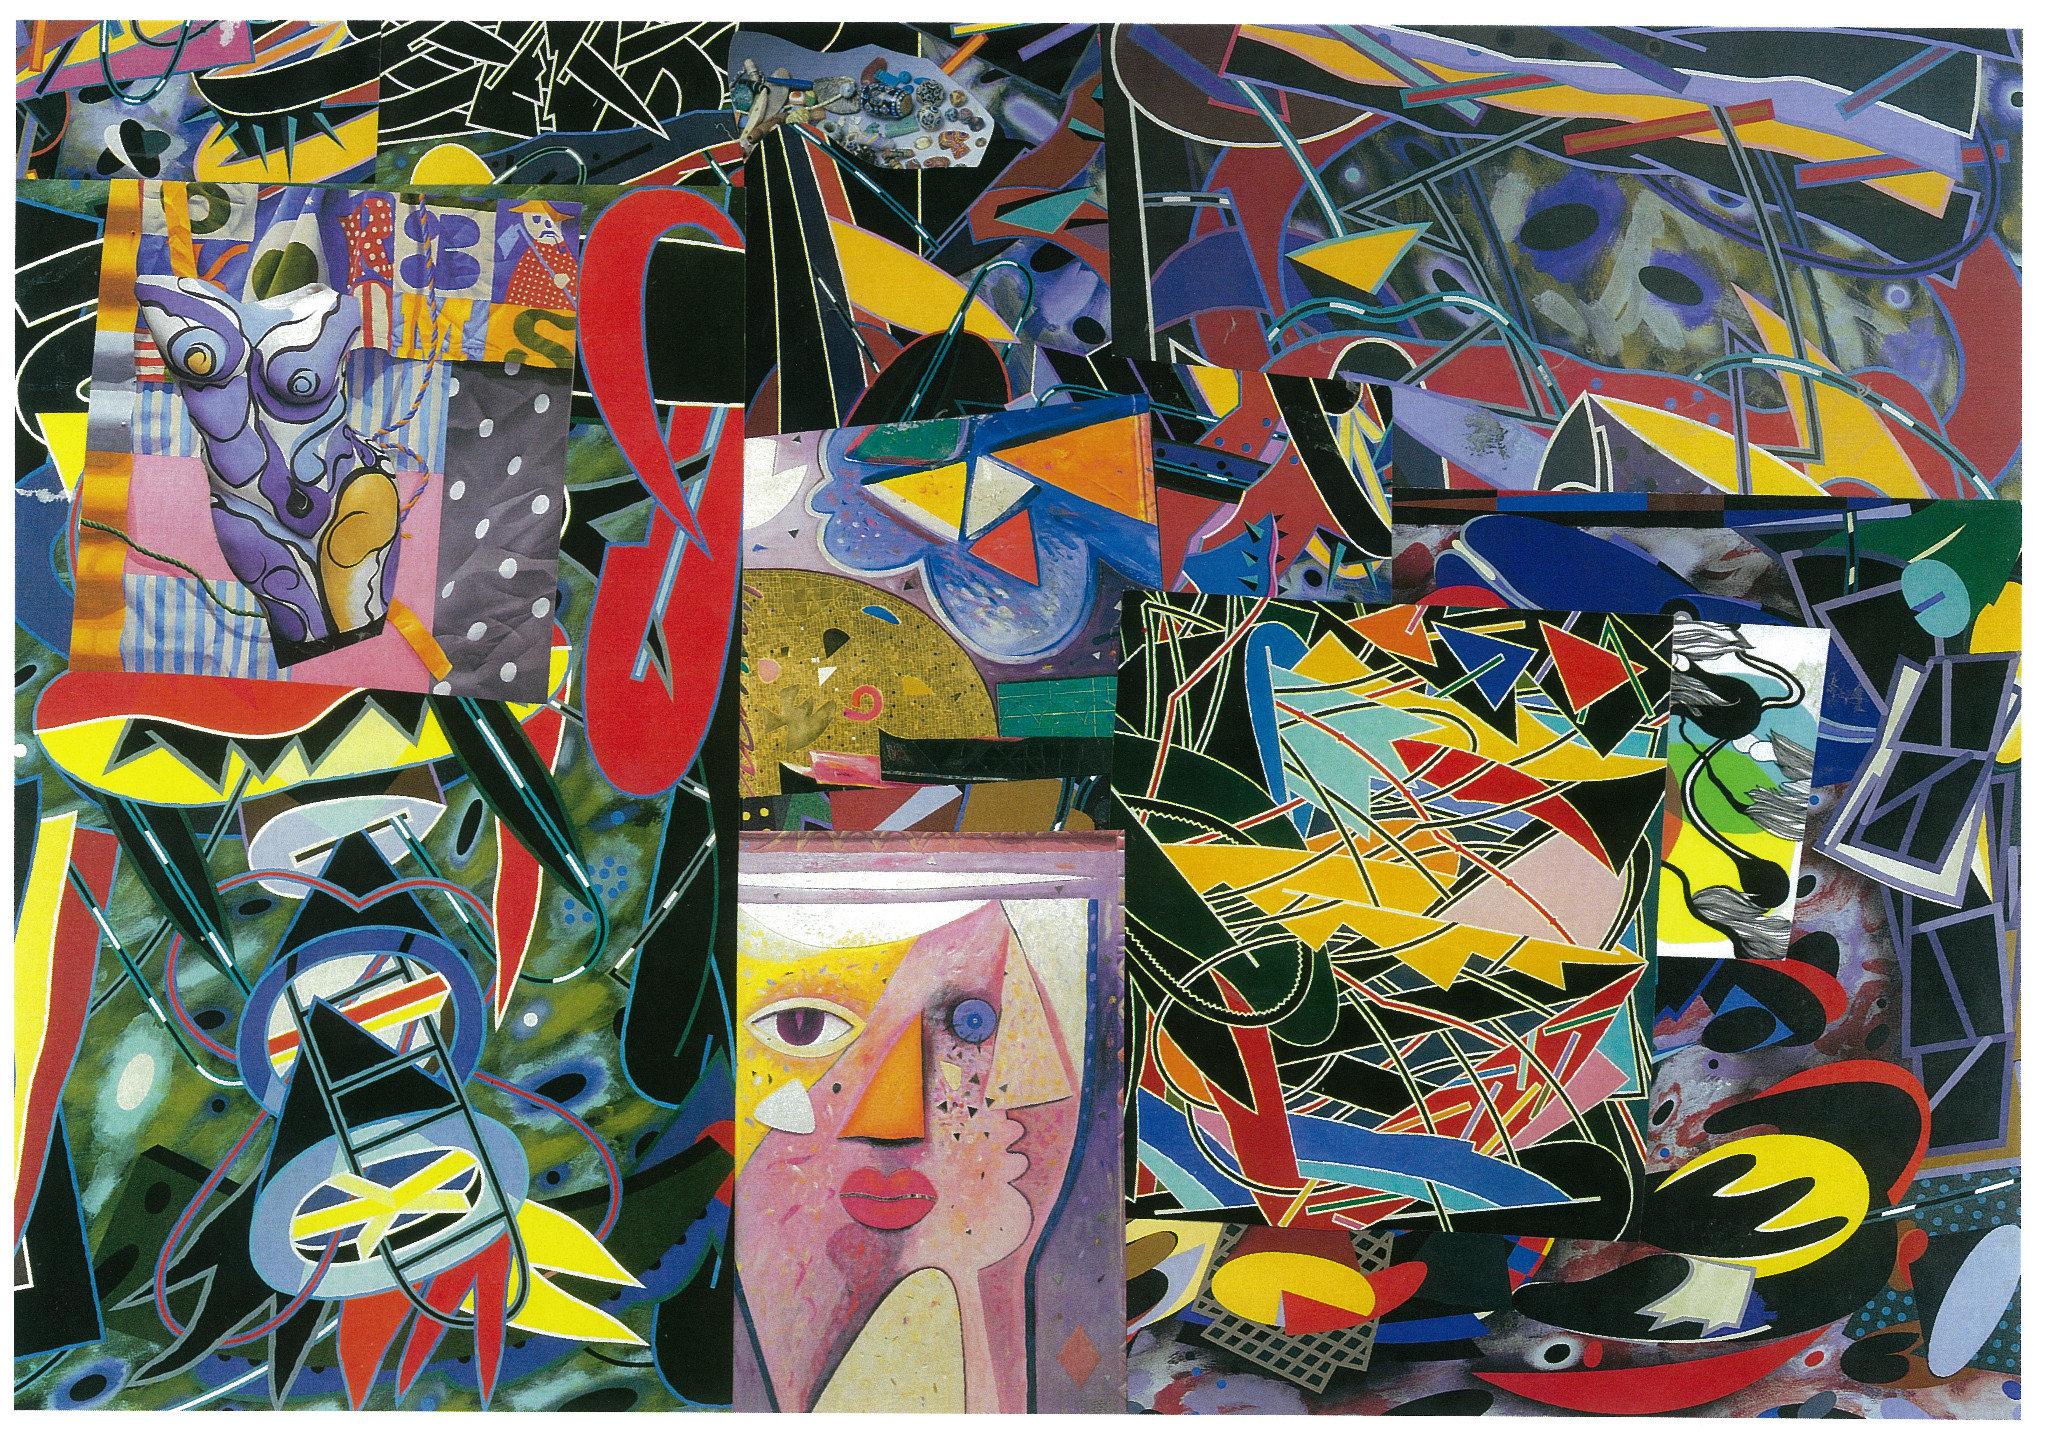 Artwork By GWK - Turmoil